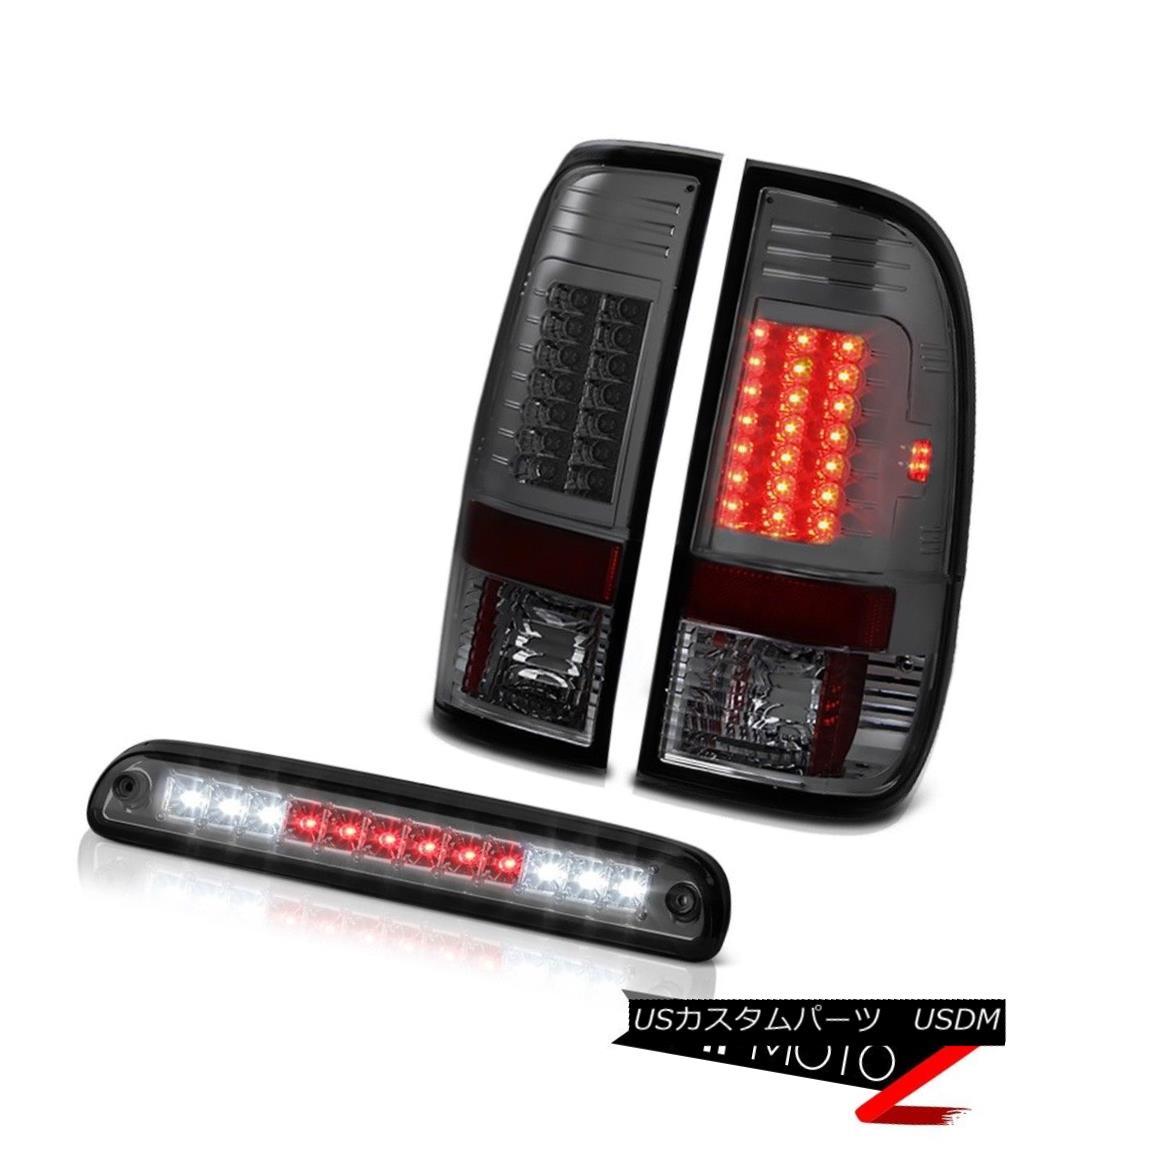 テールライト 99 00 01 02 03 04 F250 Harley Davidson Smoke Tail Light LED Roof Brake Cargo 99 00 01 02 03 04 F250ハーレーダビッドソン煙テールライトLEDルーフブレーキカーゴ